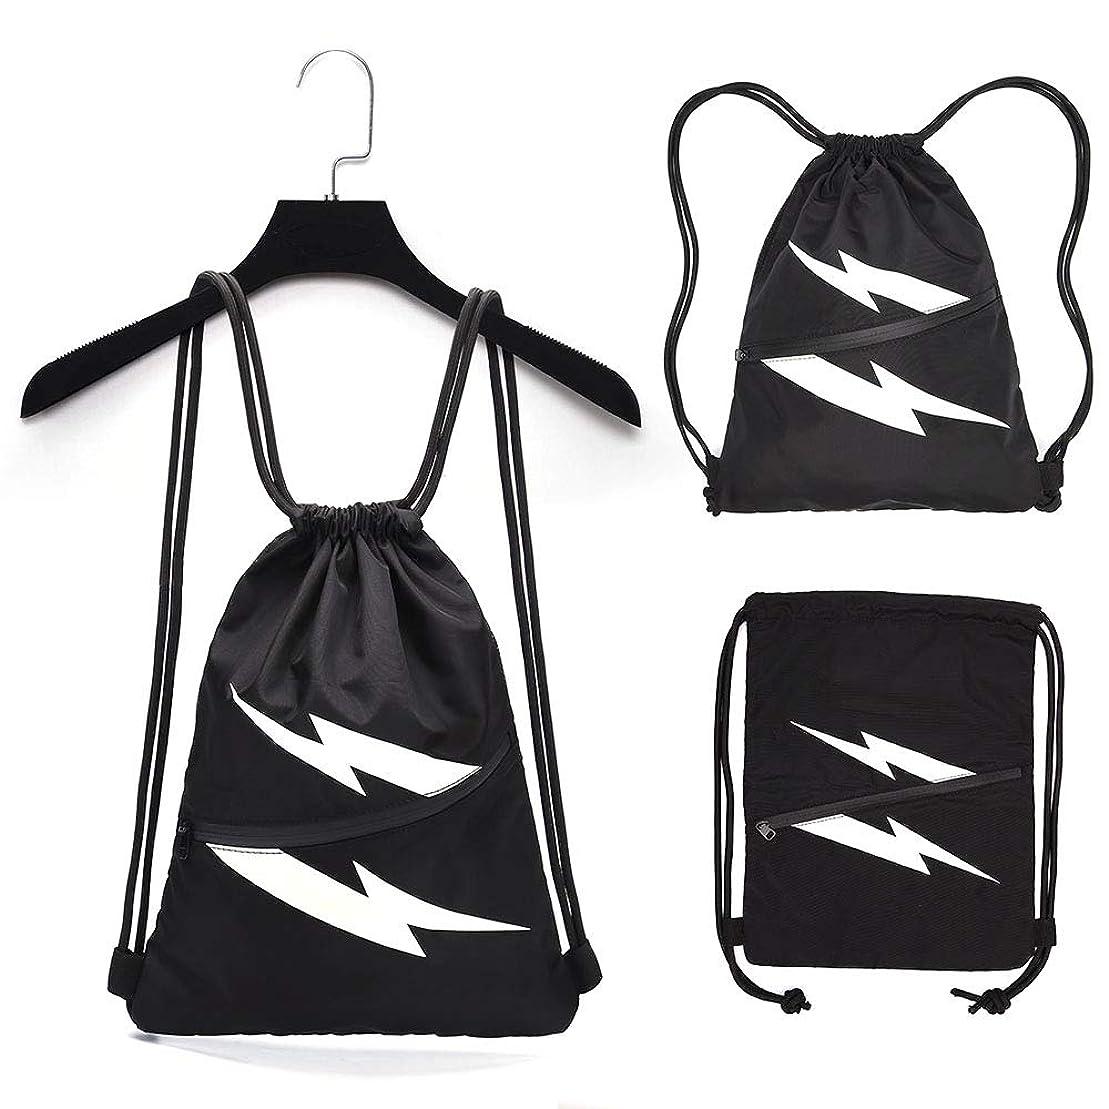 ゆりかご拷問取得するジムサック ナップサック ジムバッグ 巾着袋 バックパック スポーツ バッグ 防水 折り畳み 収納バッグ リュック アウトドア 軽量 運動 旅行 男女兼用